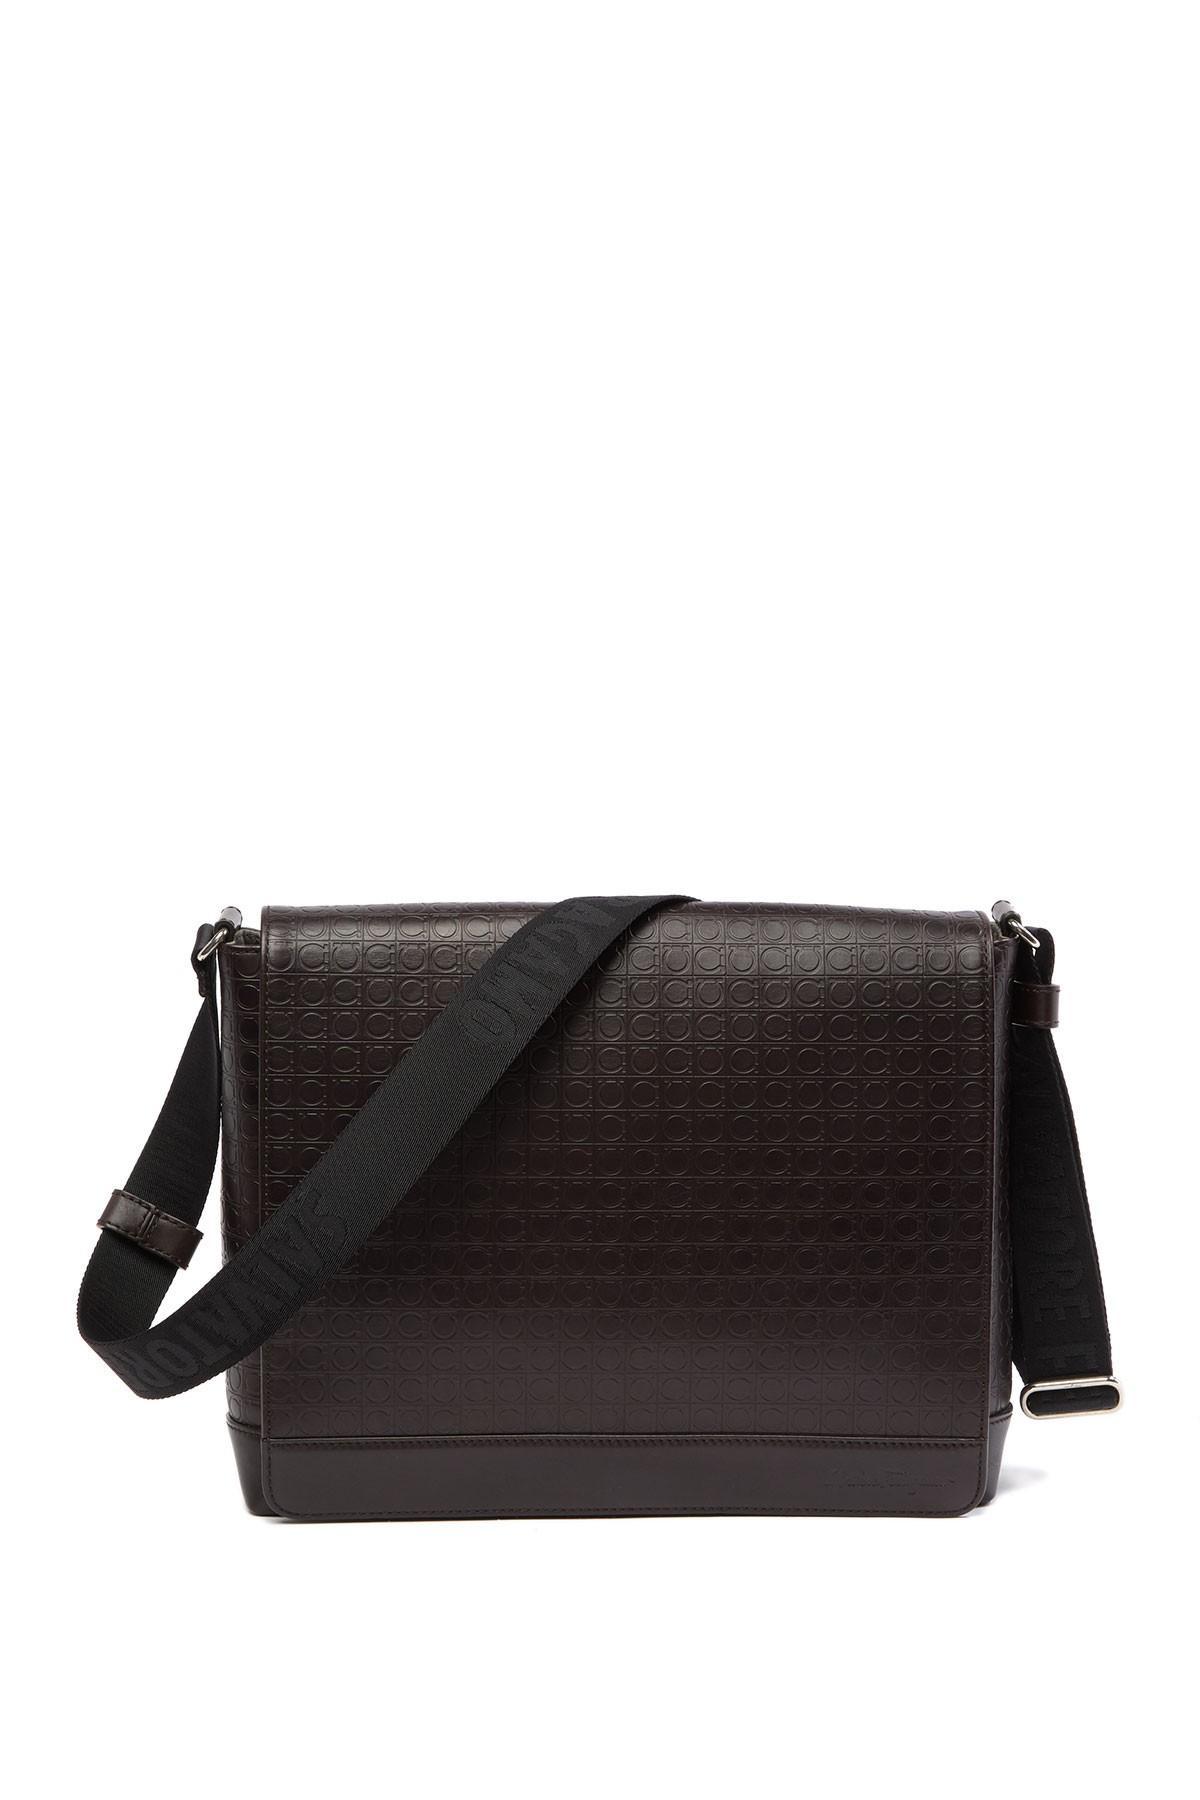 Lyst - Ferragamo Logo Embossed Leather Messenger Bag in Brown for Men f52e14d296374